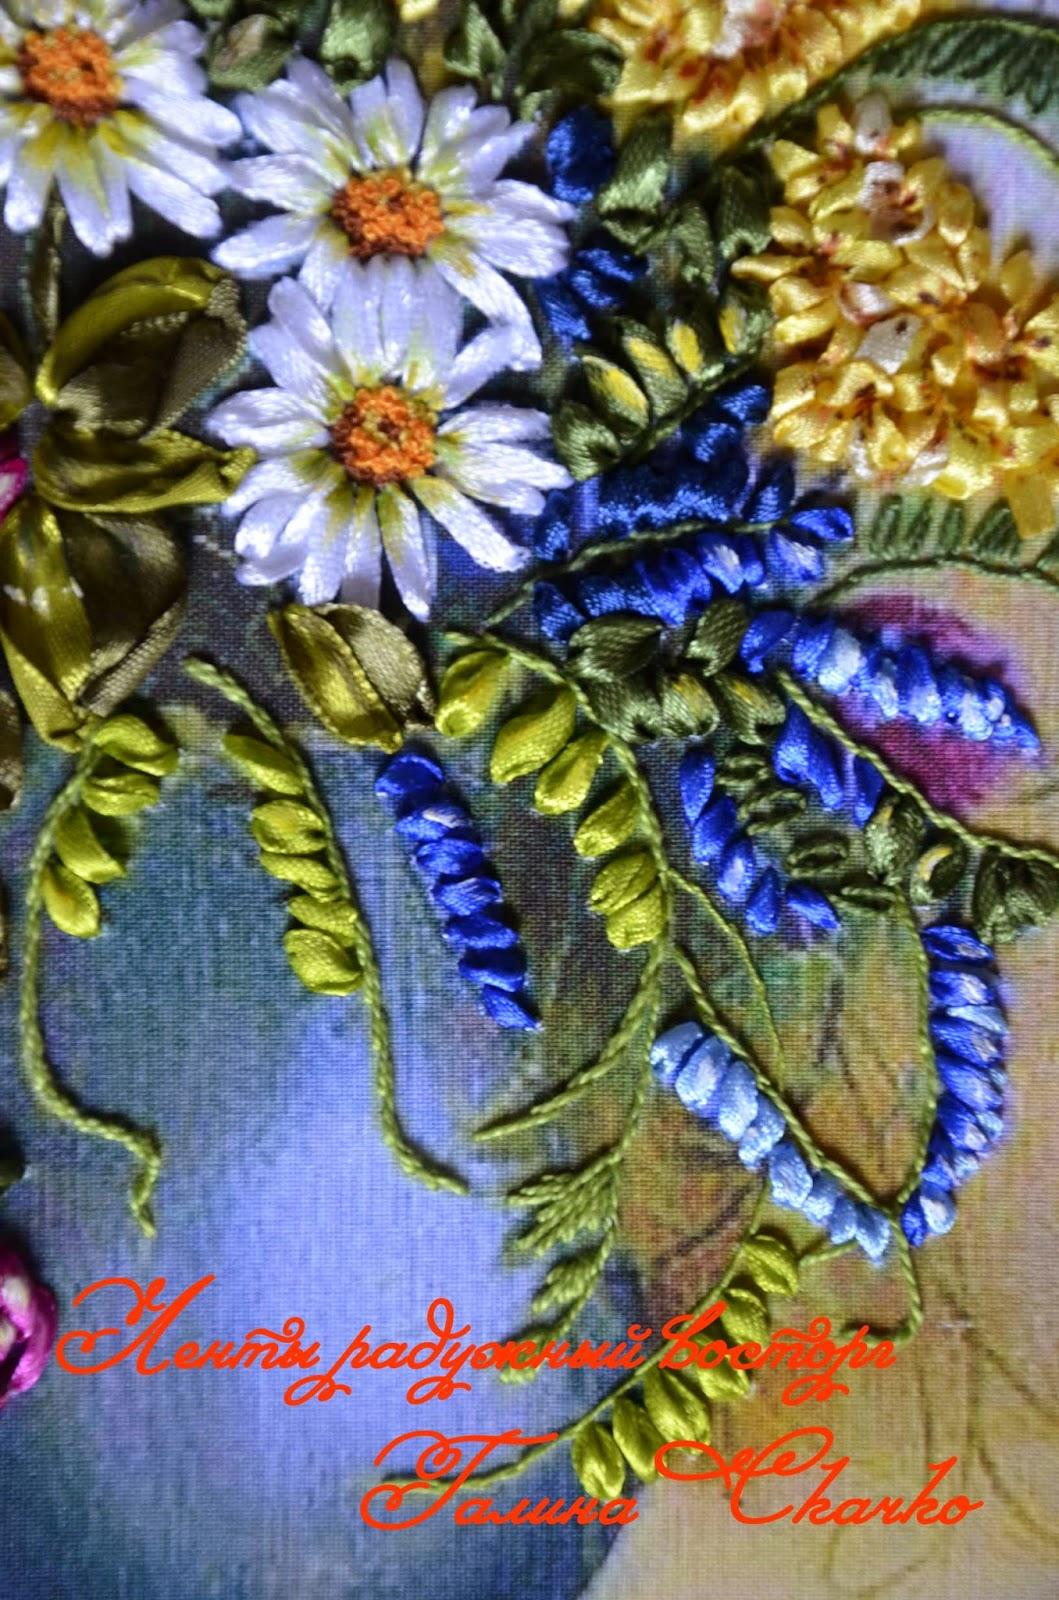 вышивка лентами луговых цветов, вышивка лентами по принту